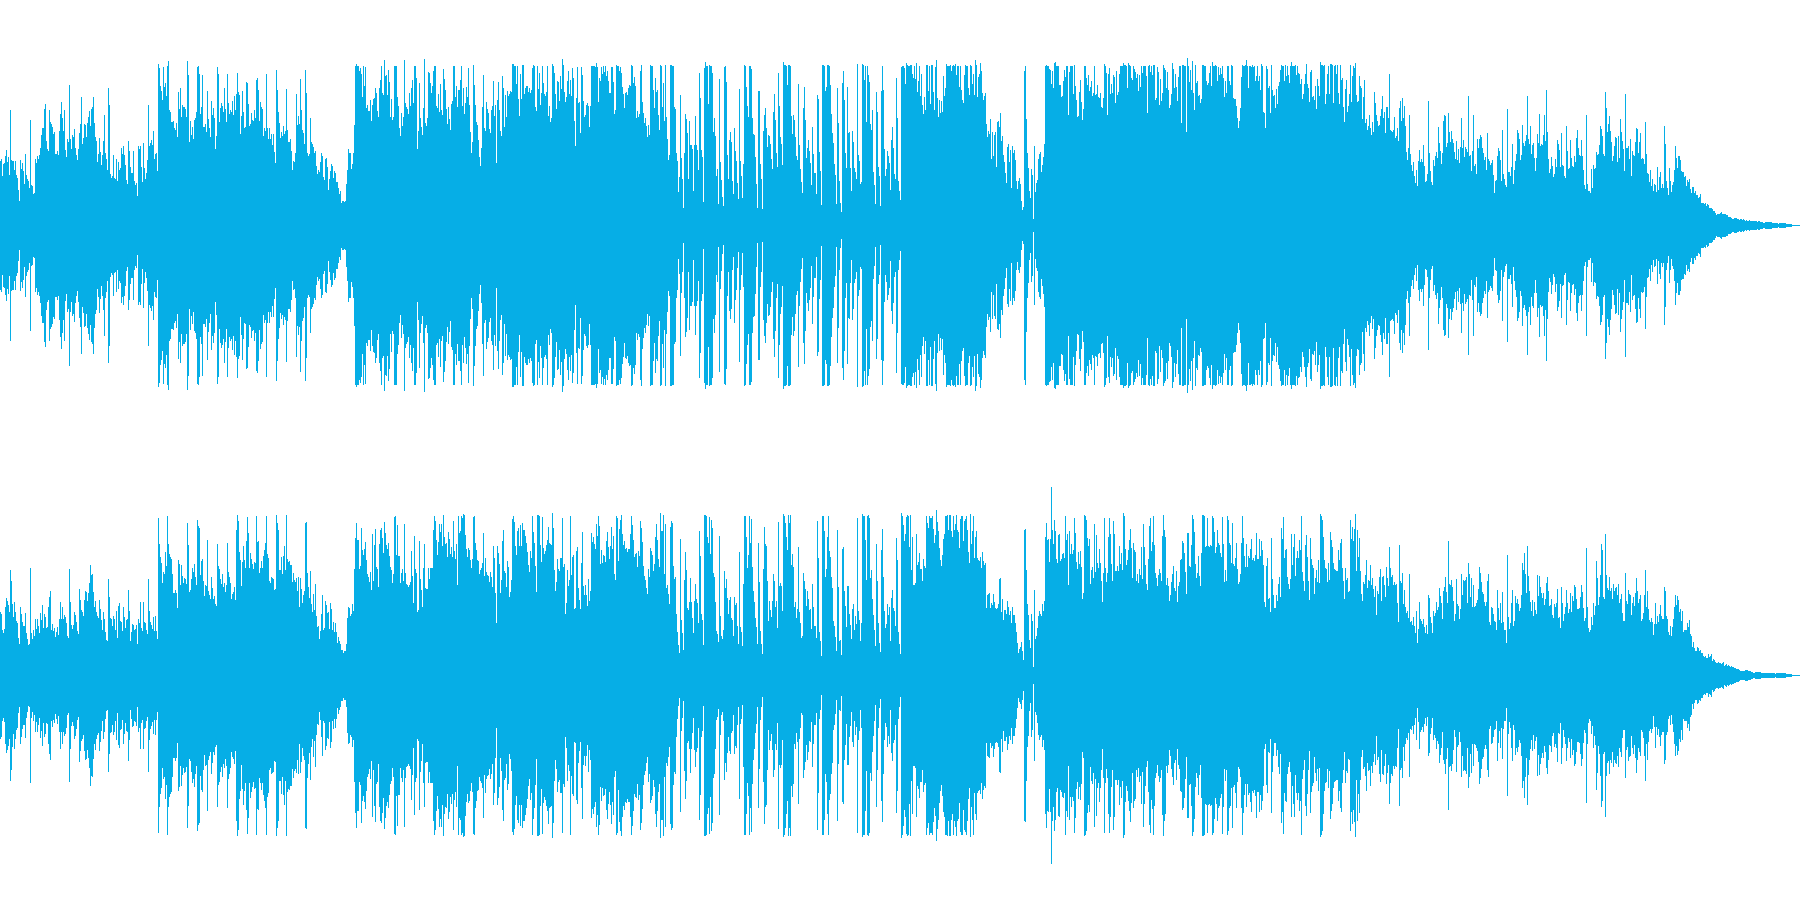 美術館に合う上品で明るいバイオリンの曲の再生済みの波形